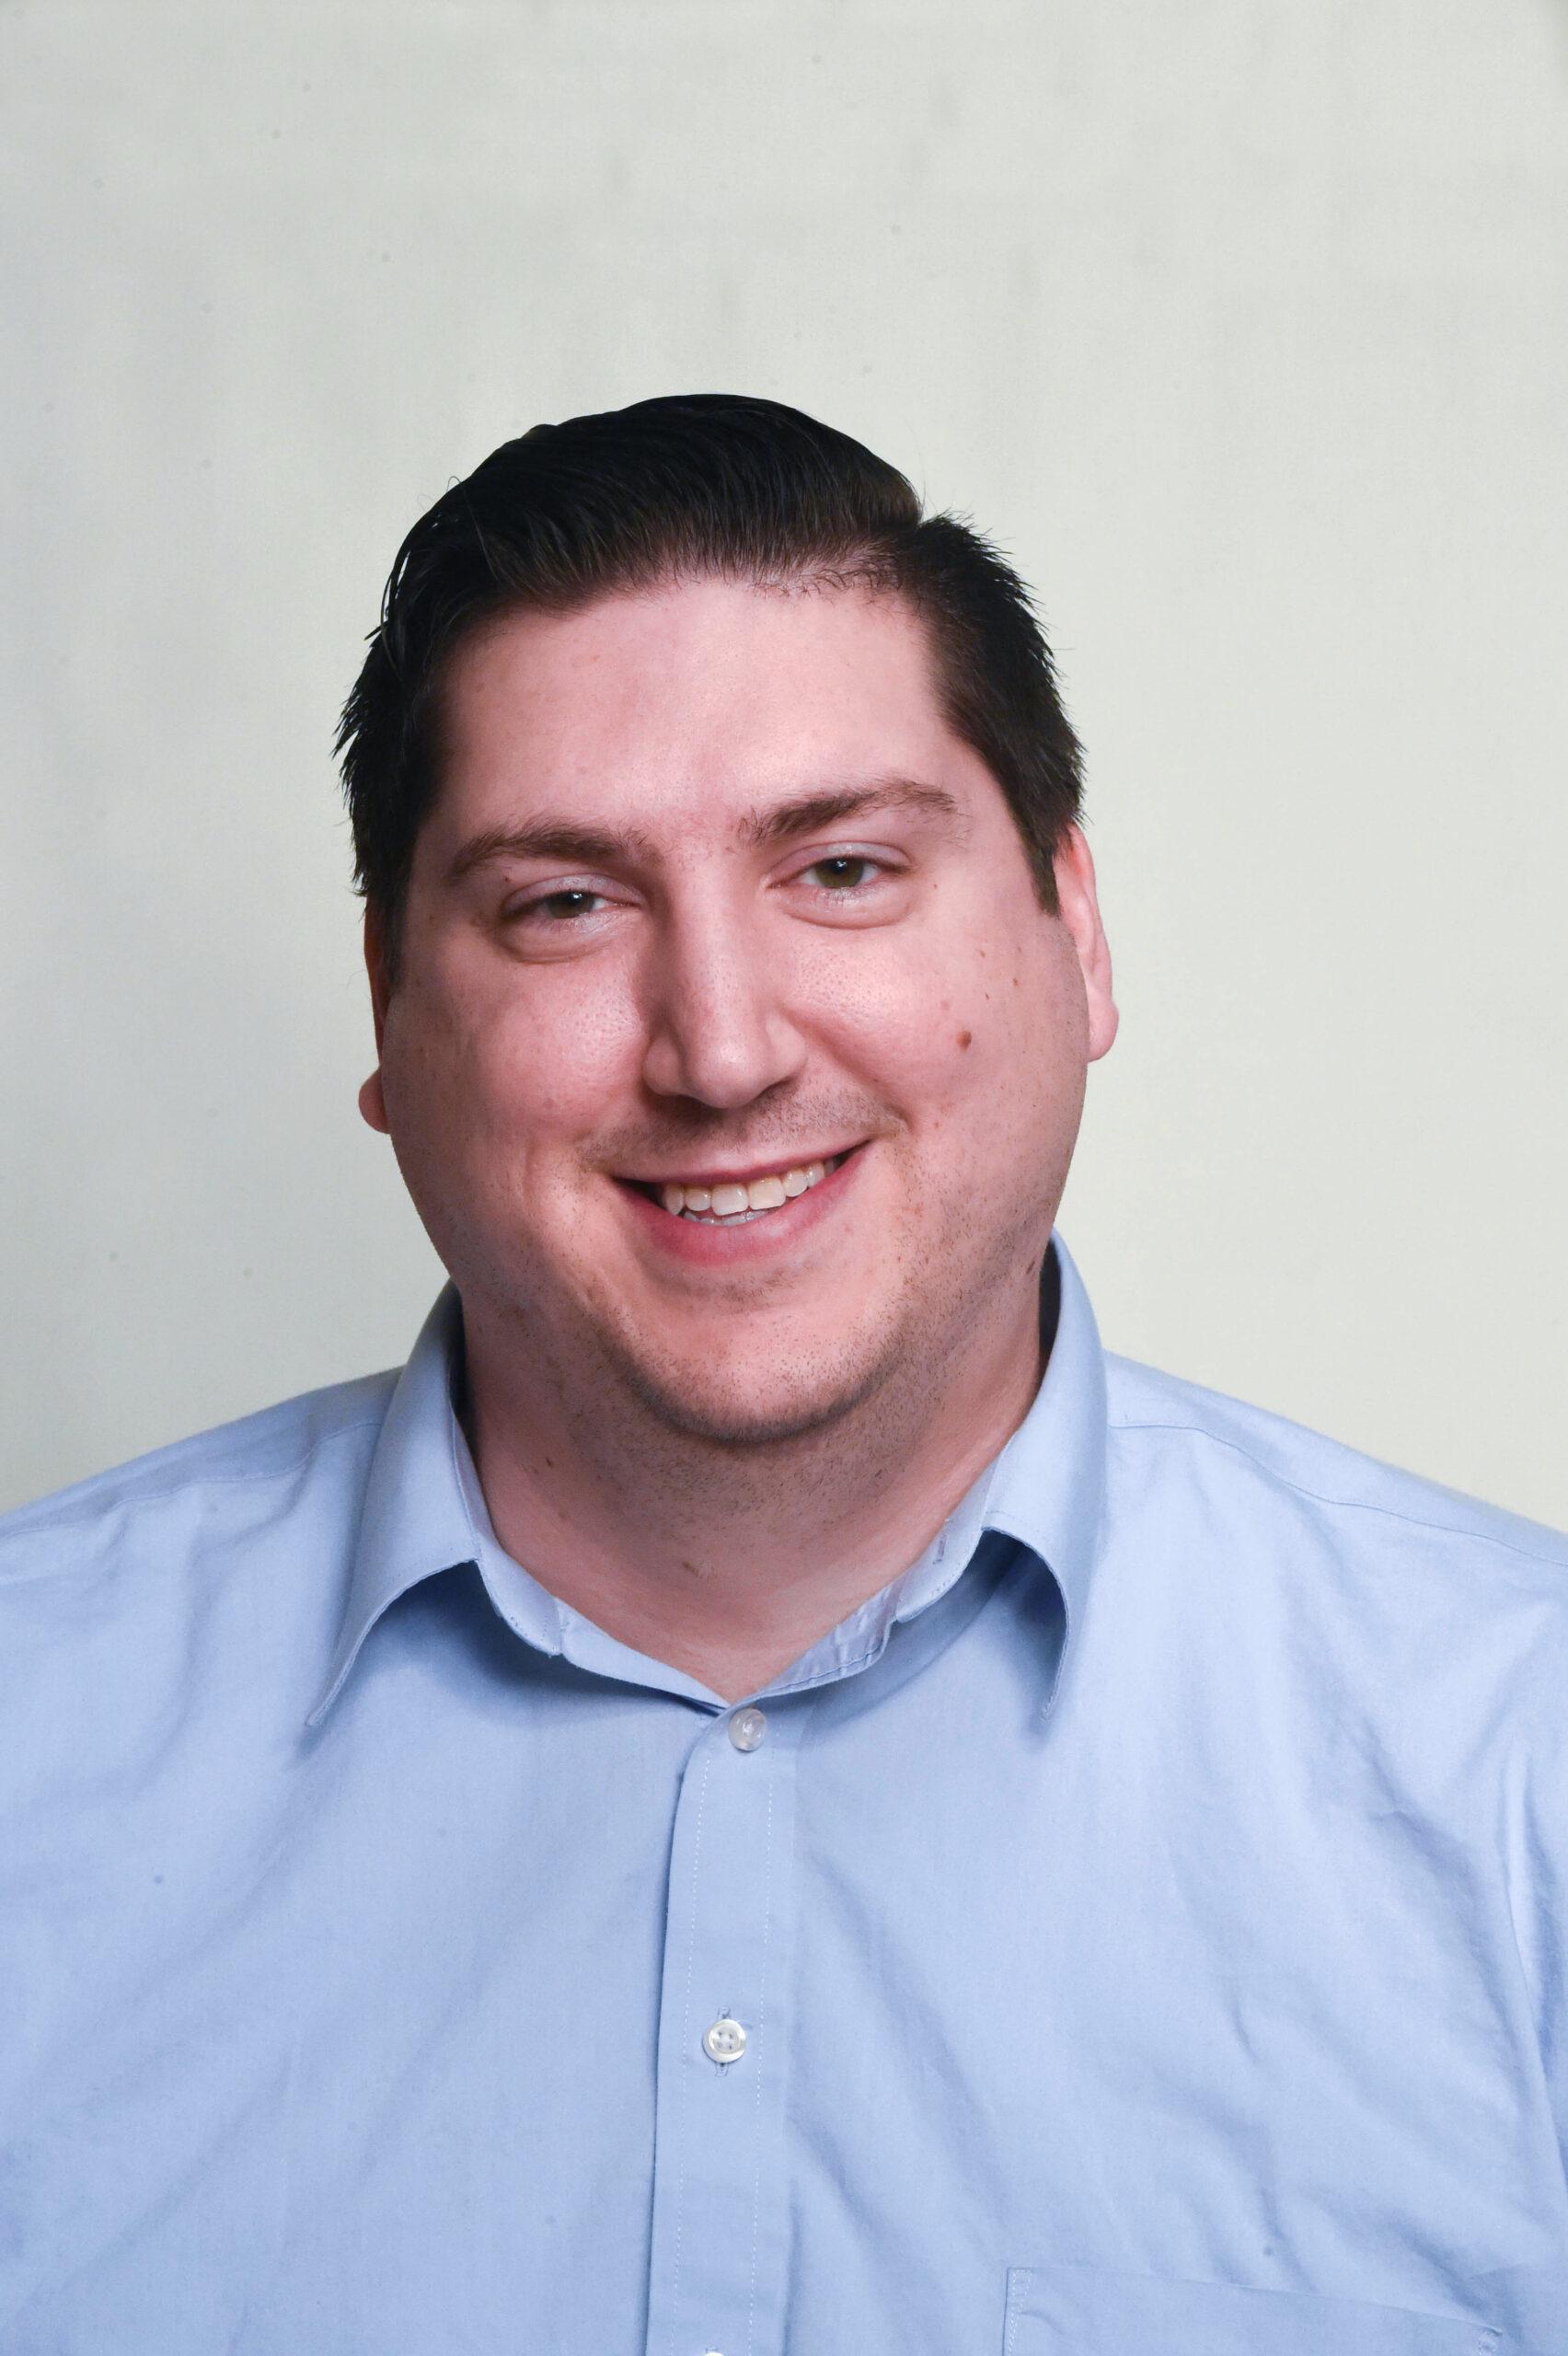 Headshot of John Daniloski